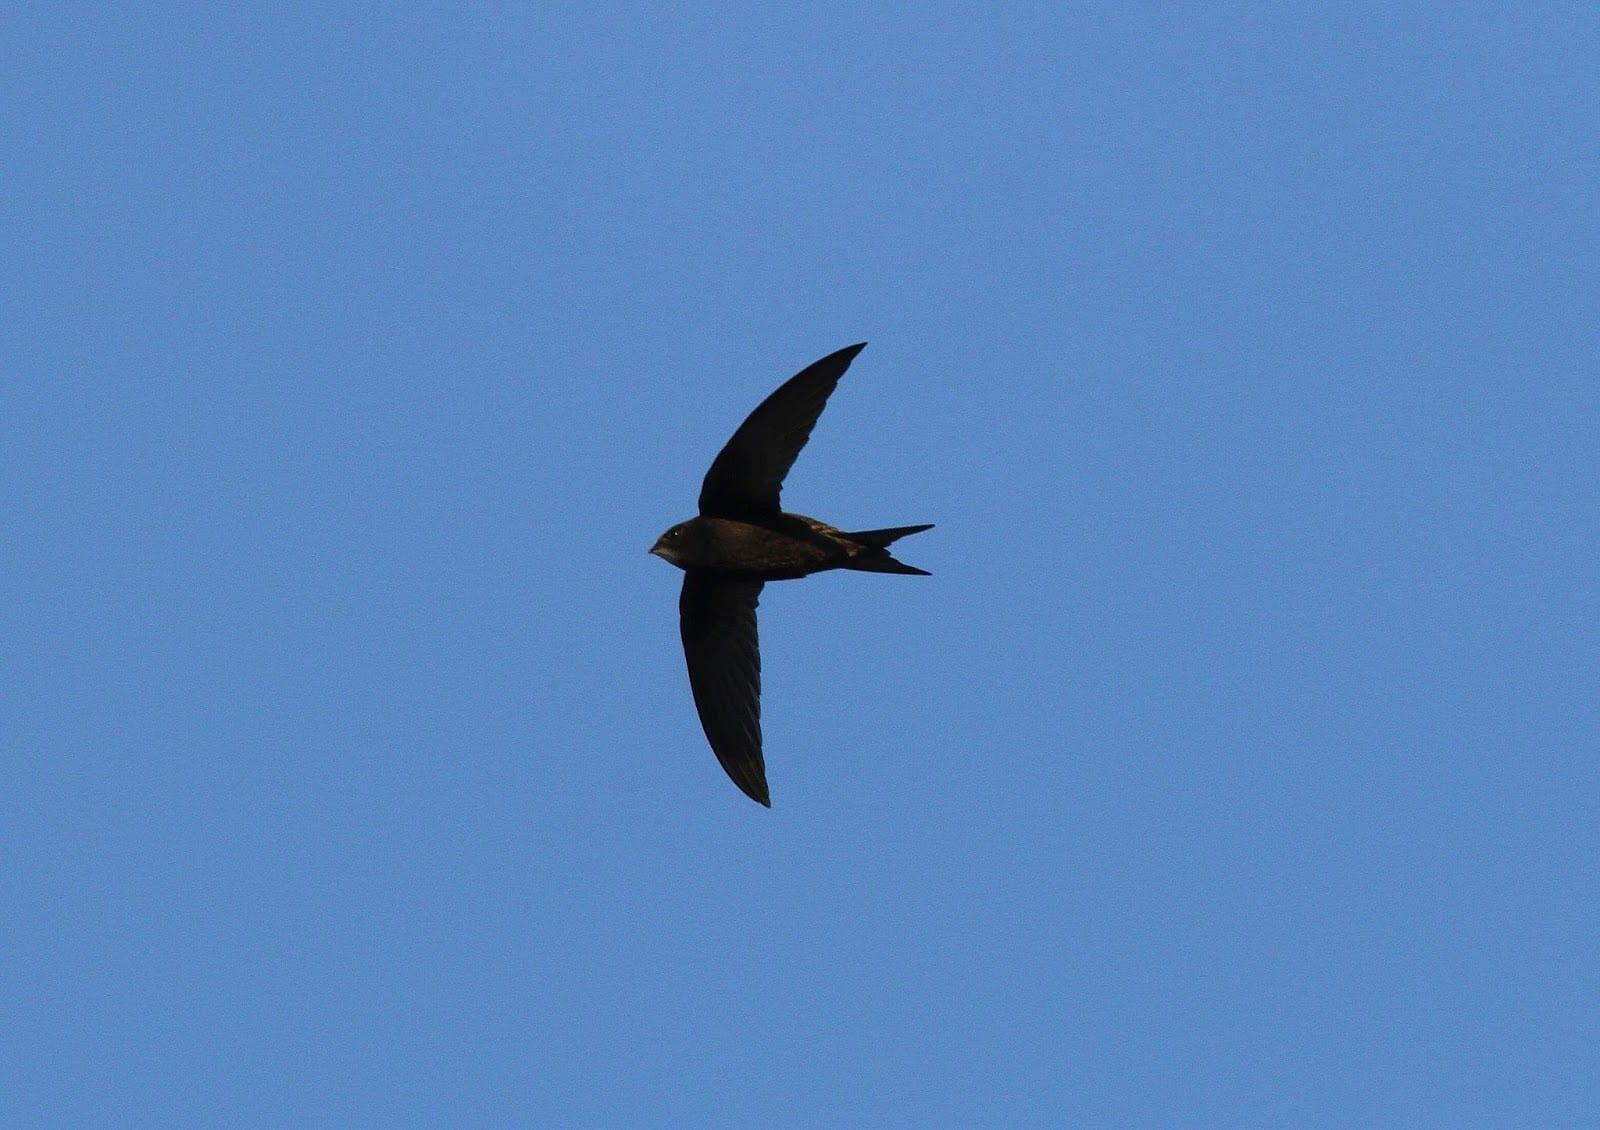 Swift-in-flight-Dick-Coombes